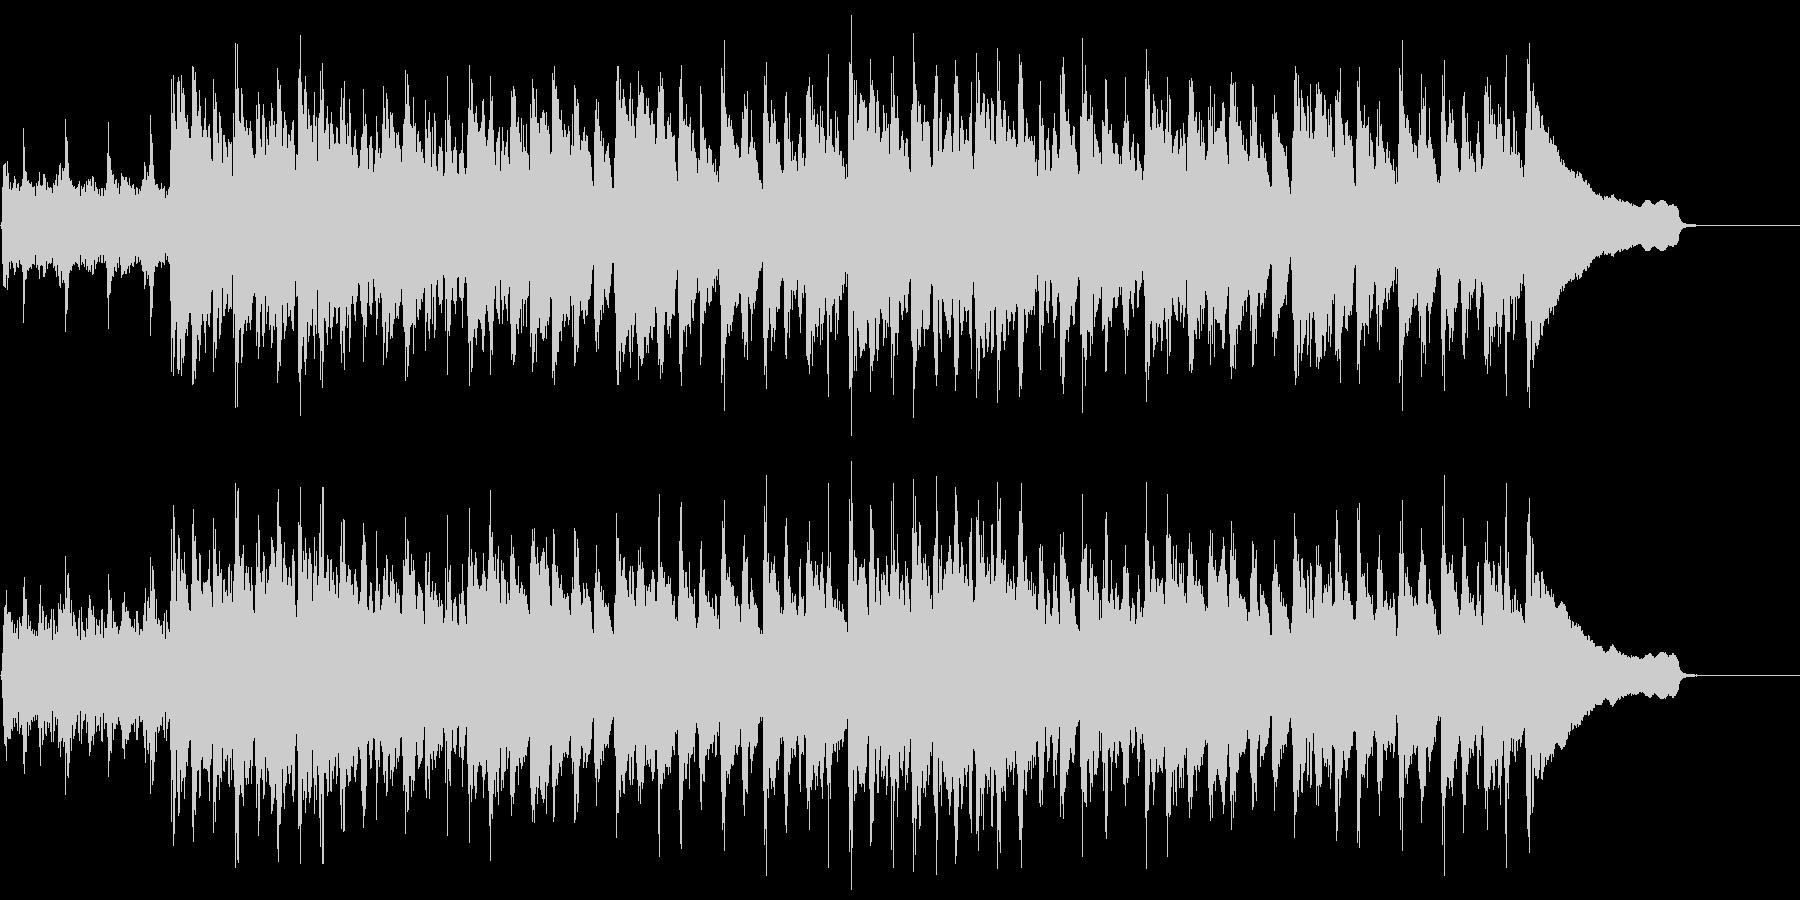 動画広告 30秒 ベル ギターB 楽しいの未再生の波形